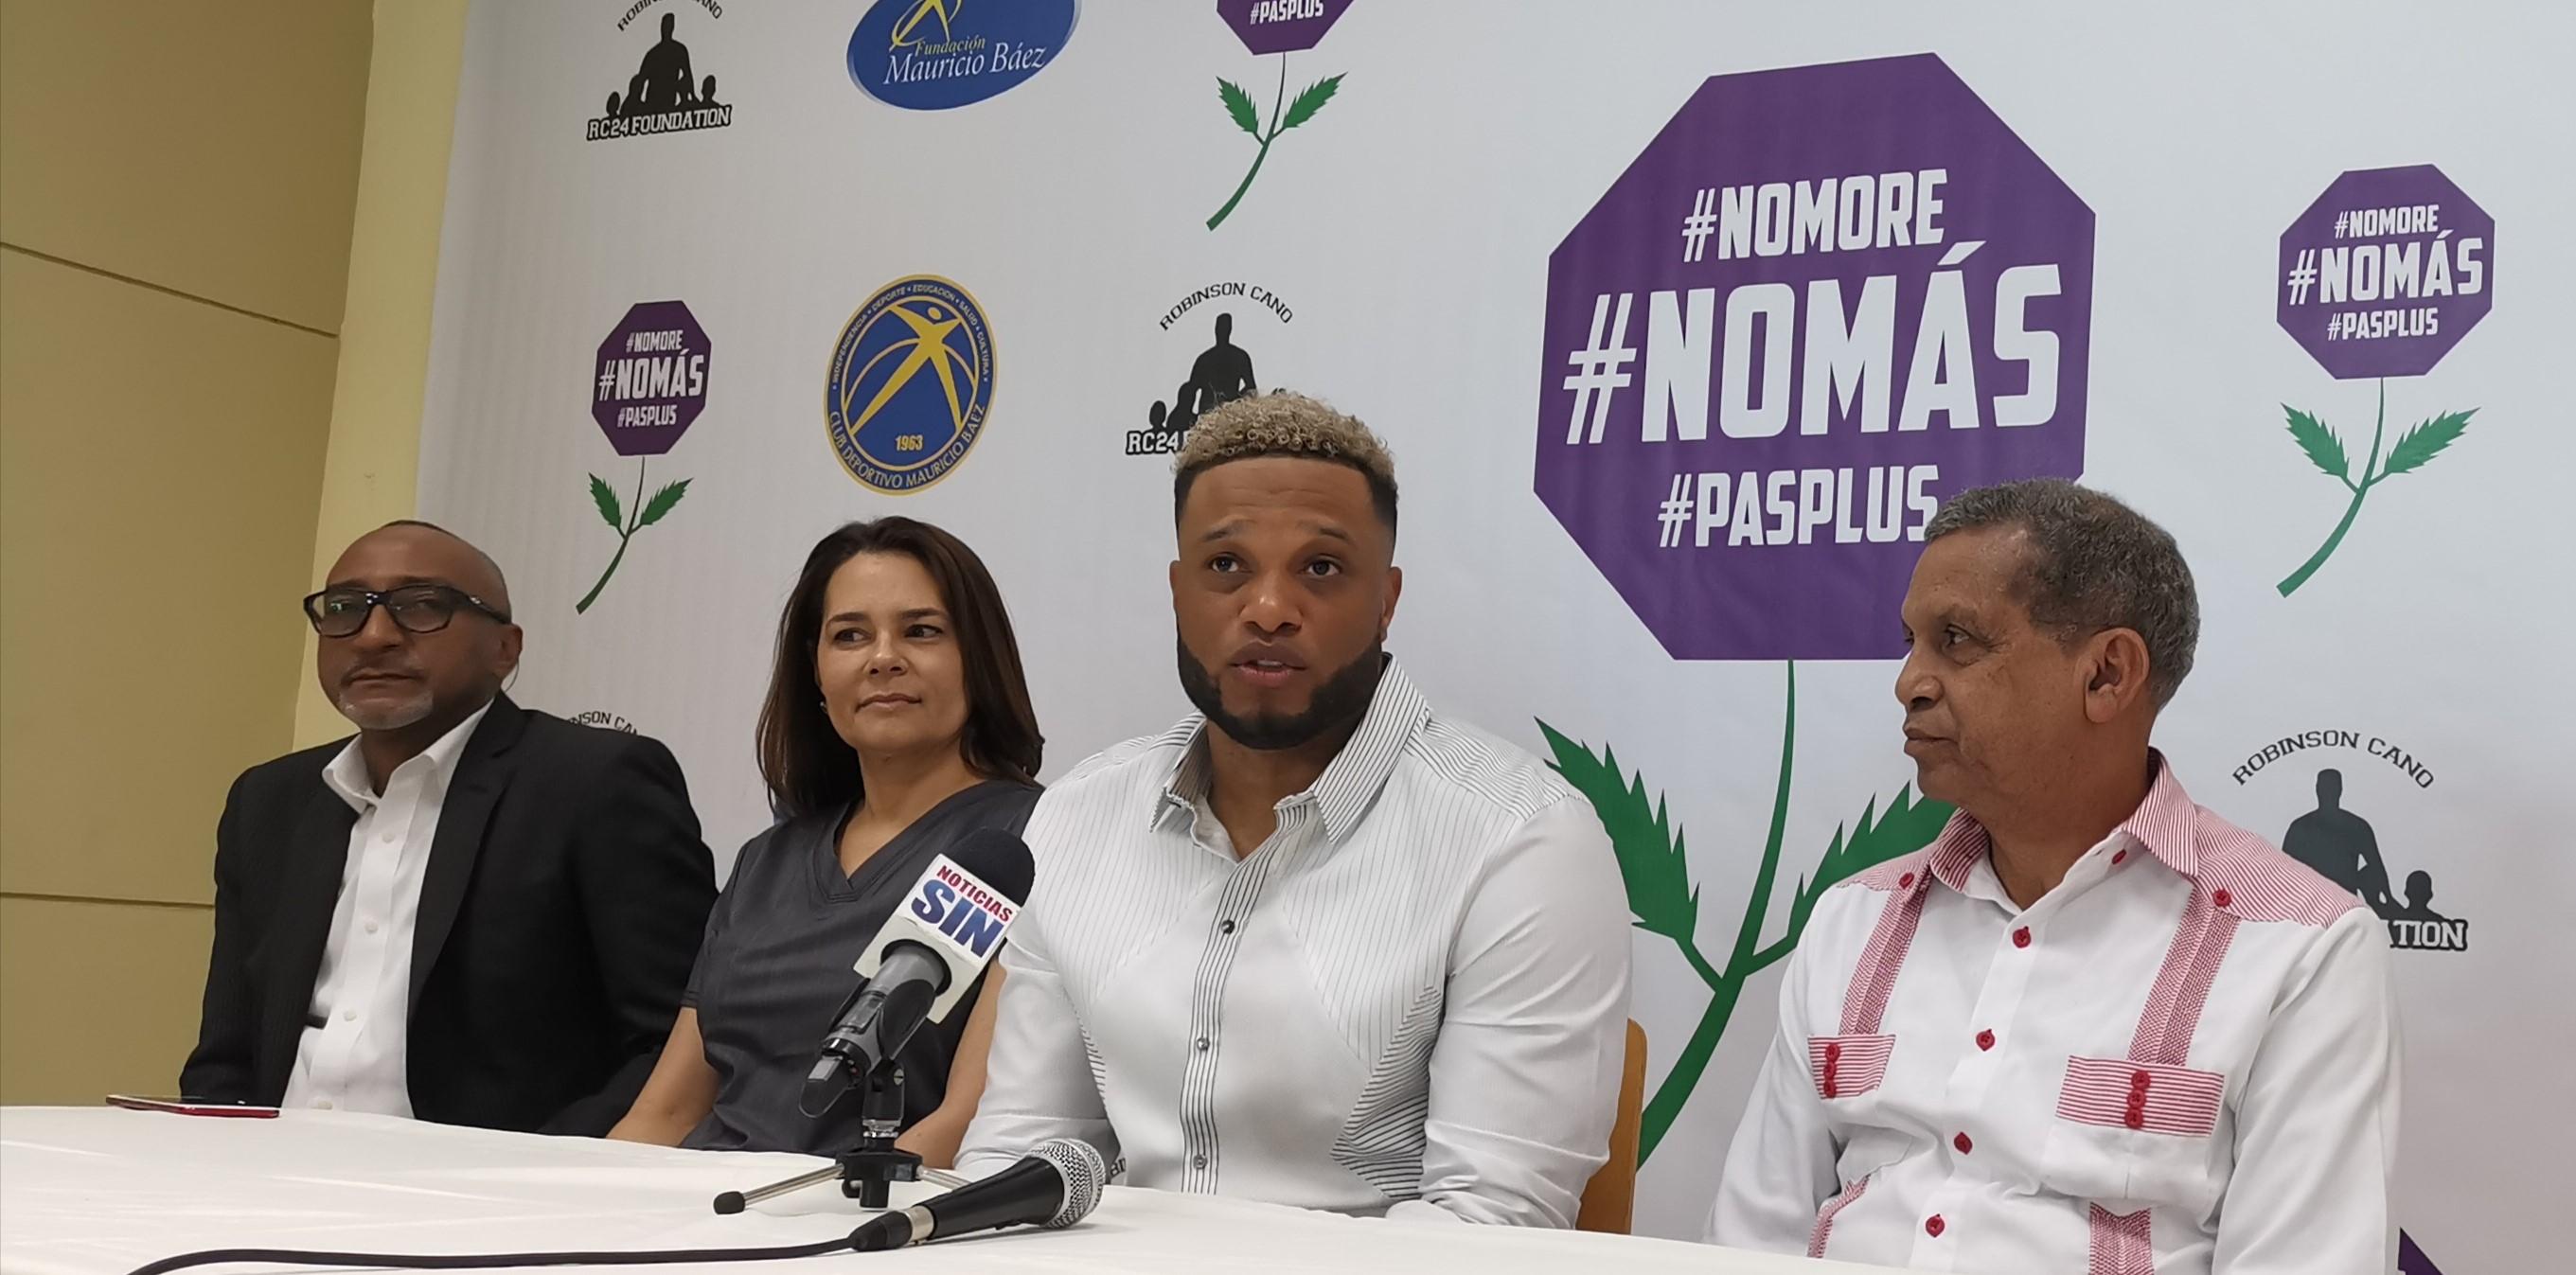 Robinson Canó hará marcha por la Violencia contra la Mujer